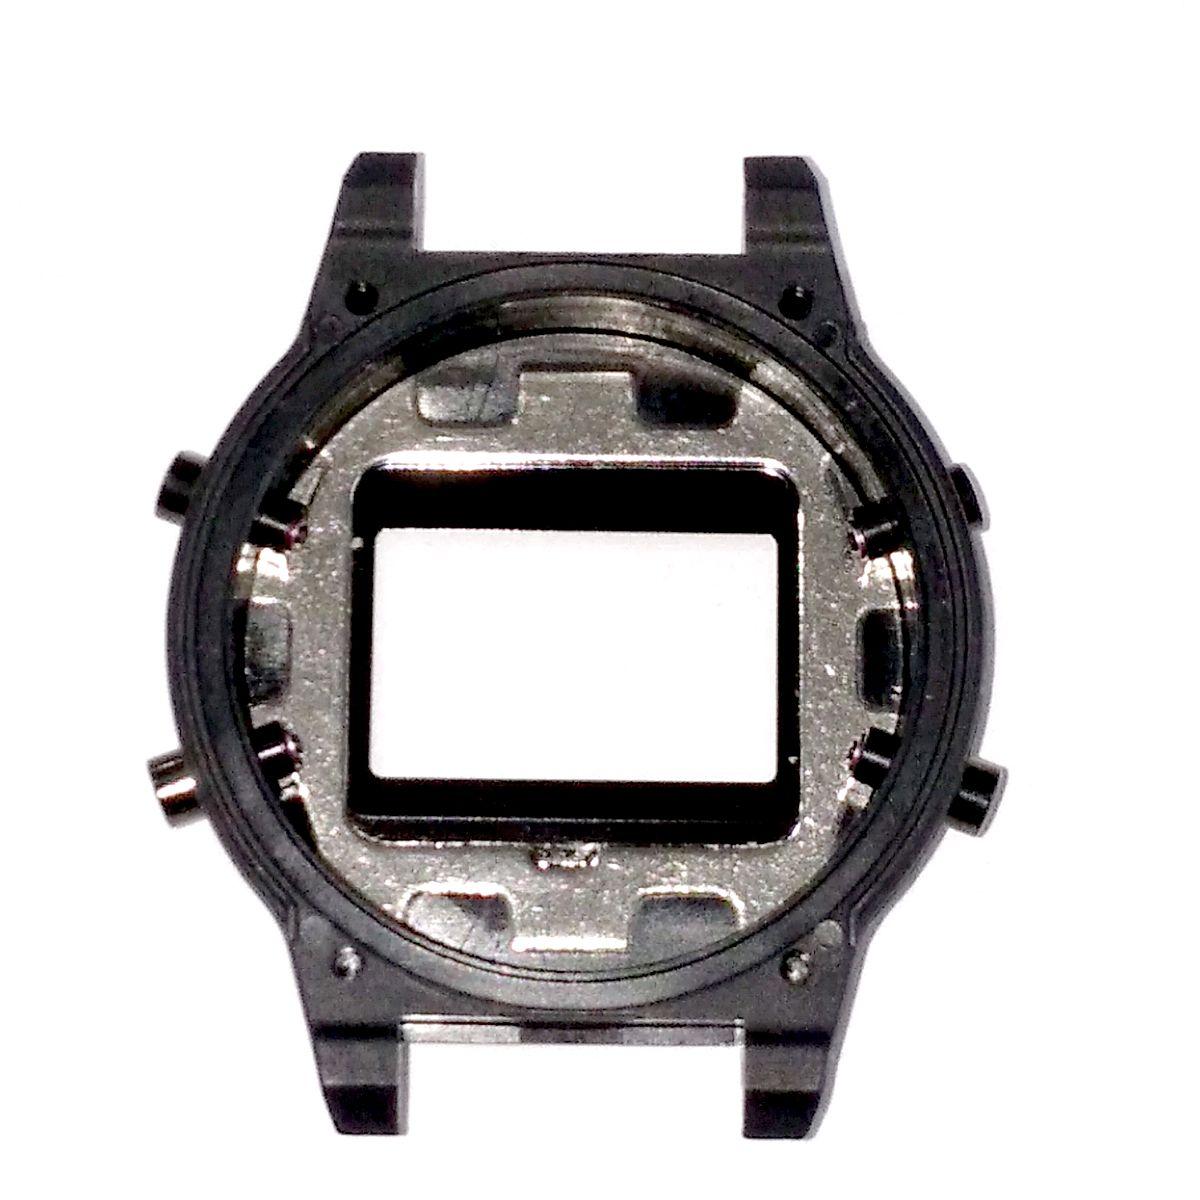 Caixa Case Frontal Relógio Casio DW-5600MS - Peça Original  - E-Presentes